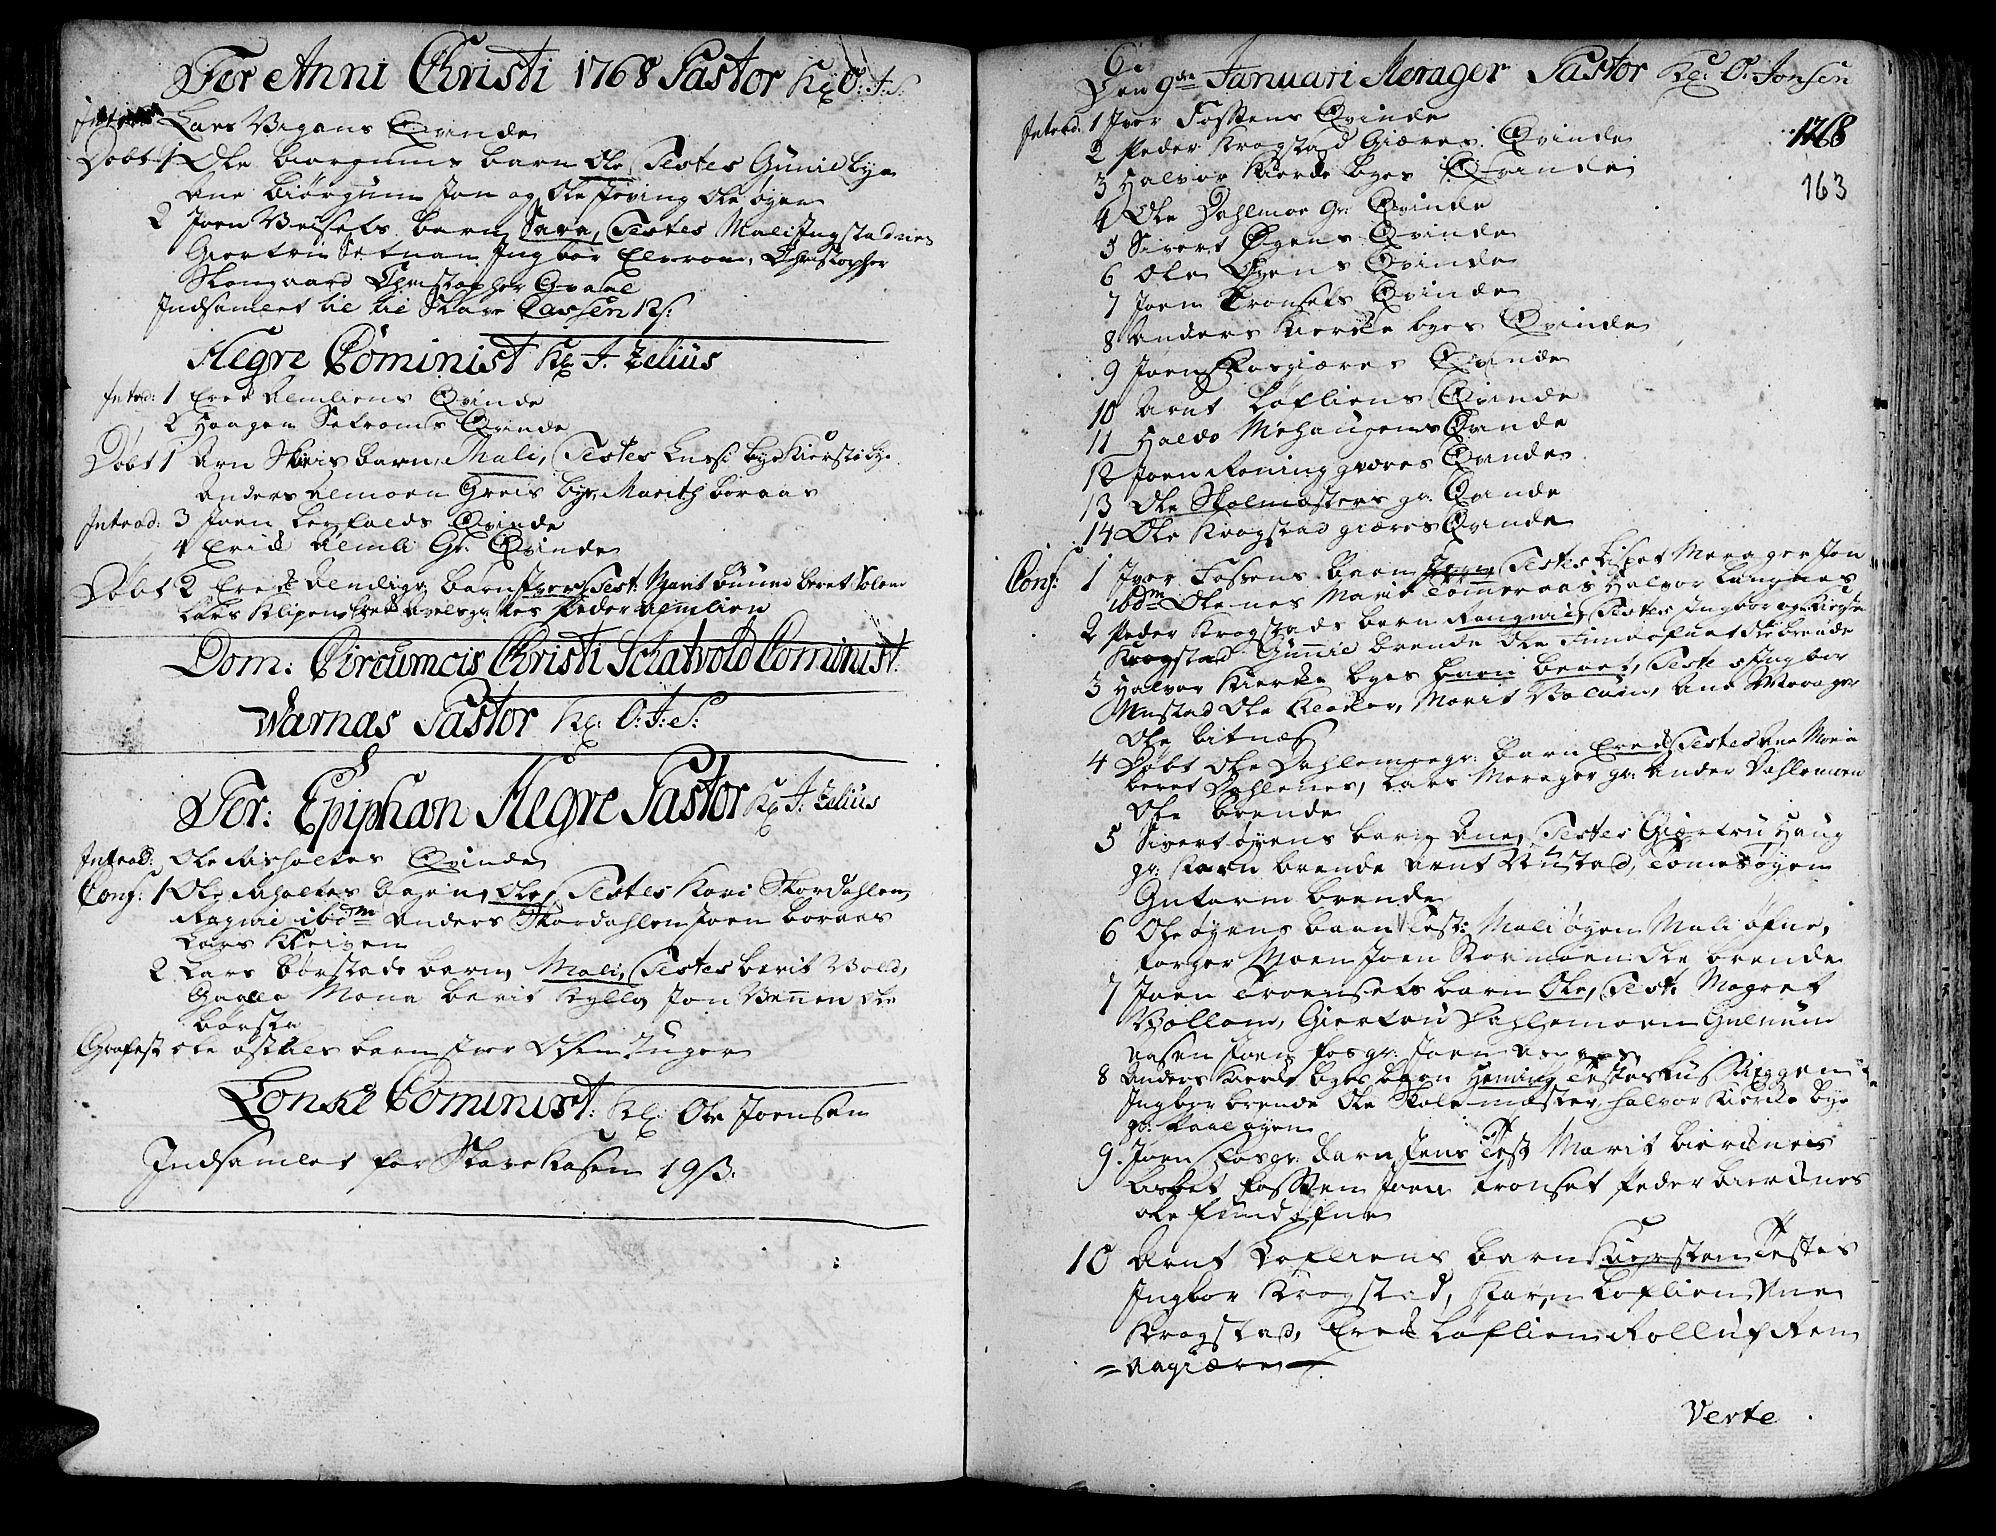 SAT, Ministerialprotokoller, klokkerbøker og fødselsregistre - Nord-Trøndelag, 709/L0057: Ministerialbok nr. 709A05, 1755-1780, s. 163